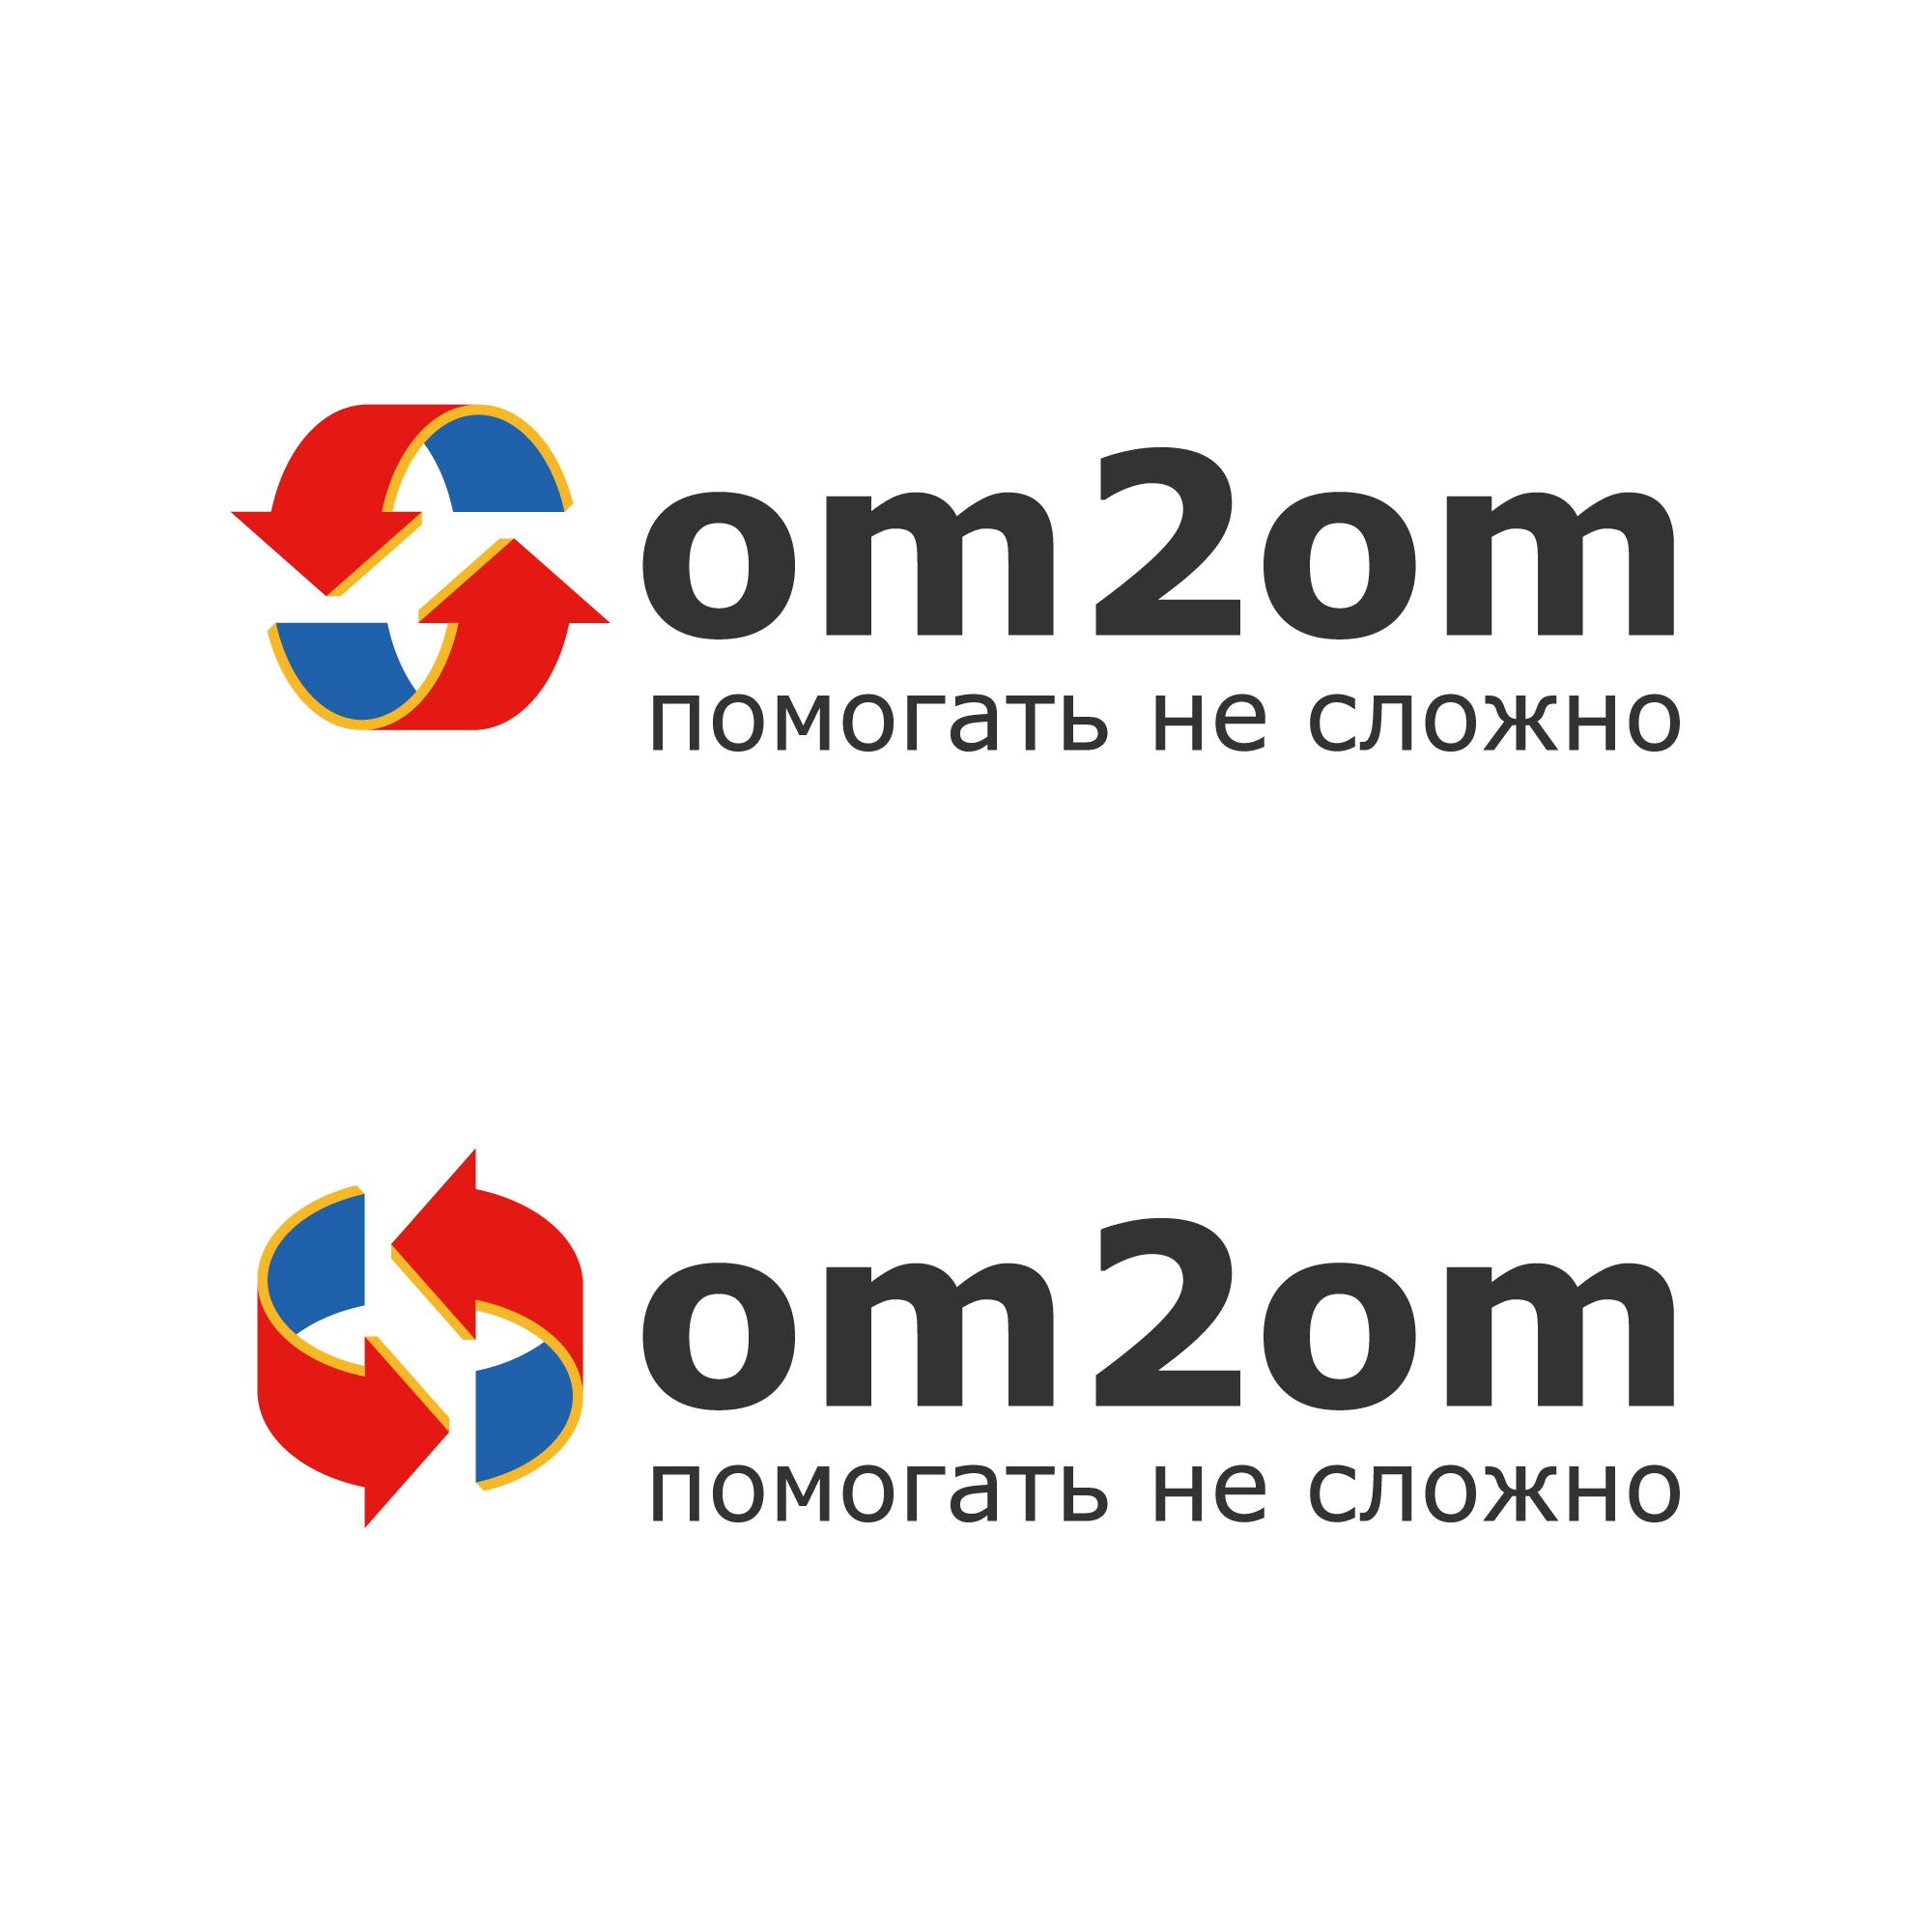 Разработка логотипа для краудфандинговой платформы om2om.md фото f_9385f5bfa5106d96.jpg